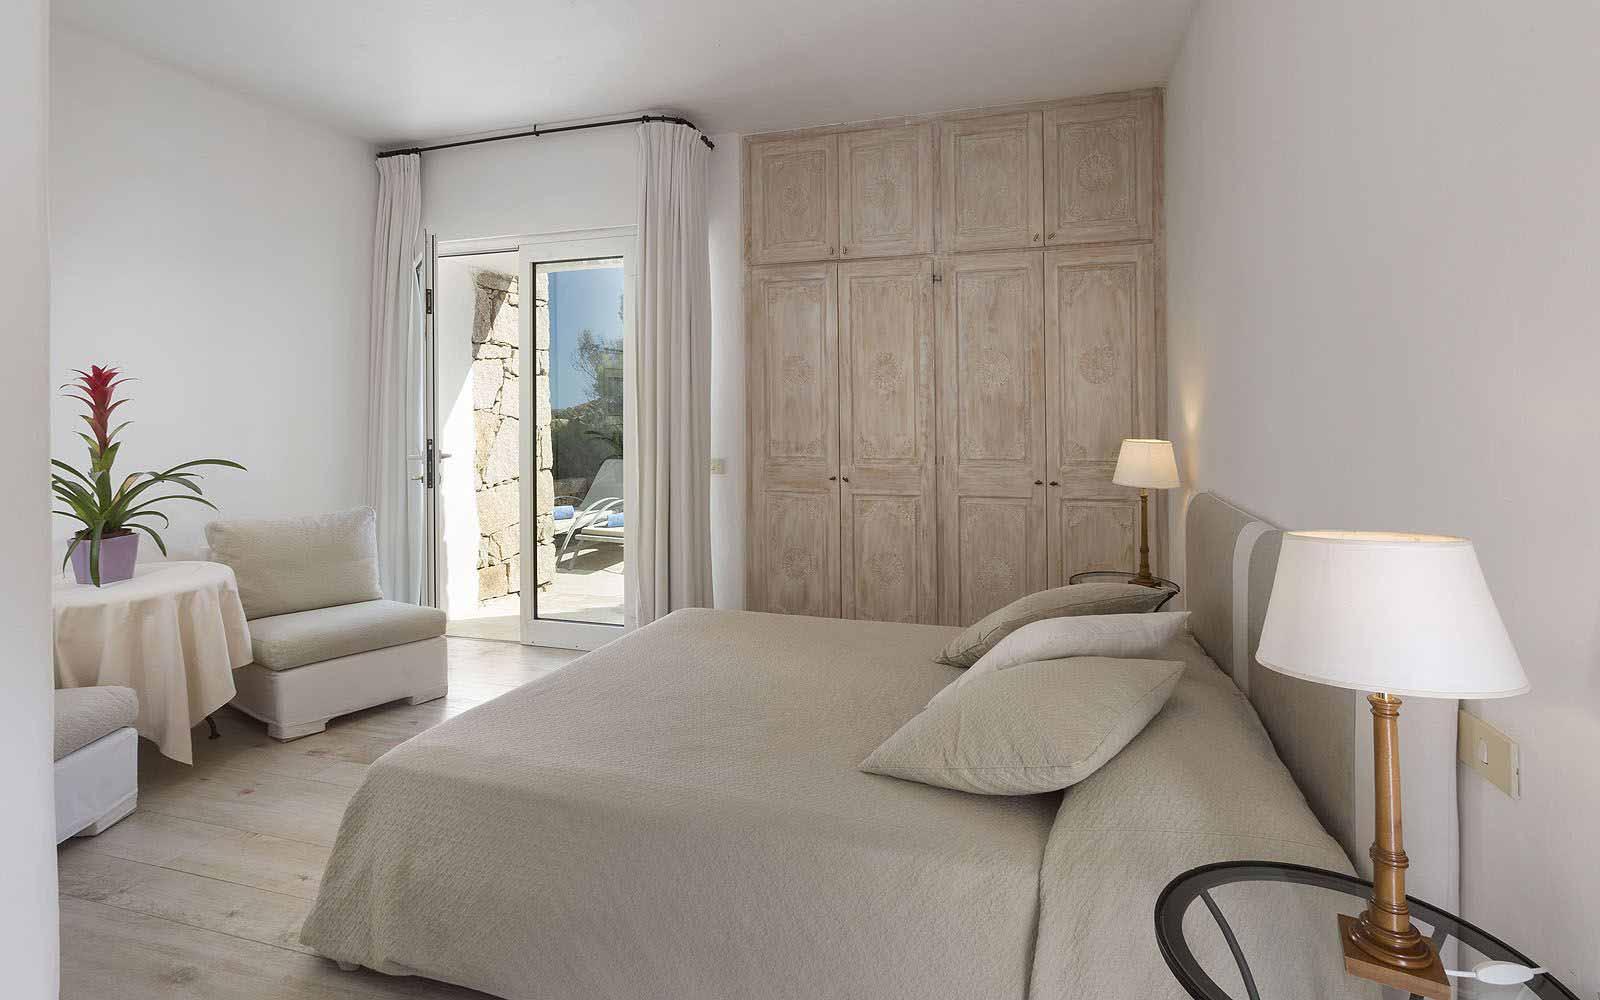 Standard Room at the Grand Relais dei Nuraghi